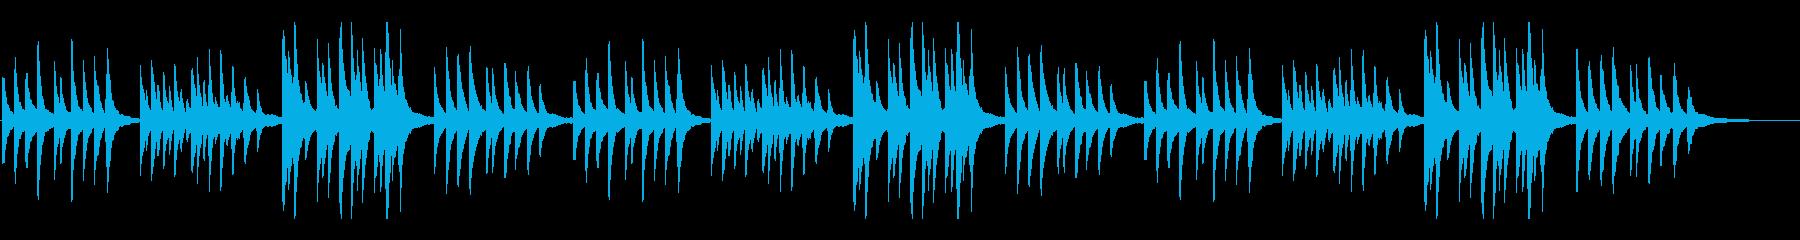 故郷(ふるさと)シンプルなピアノアレンジの再生済みの波形